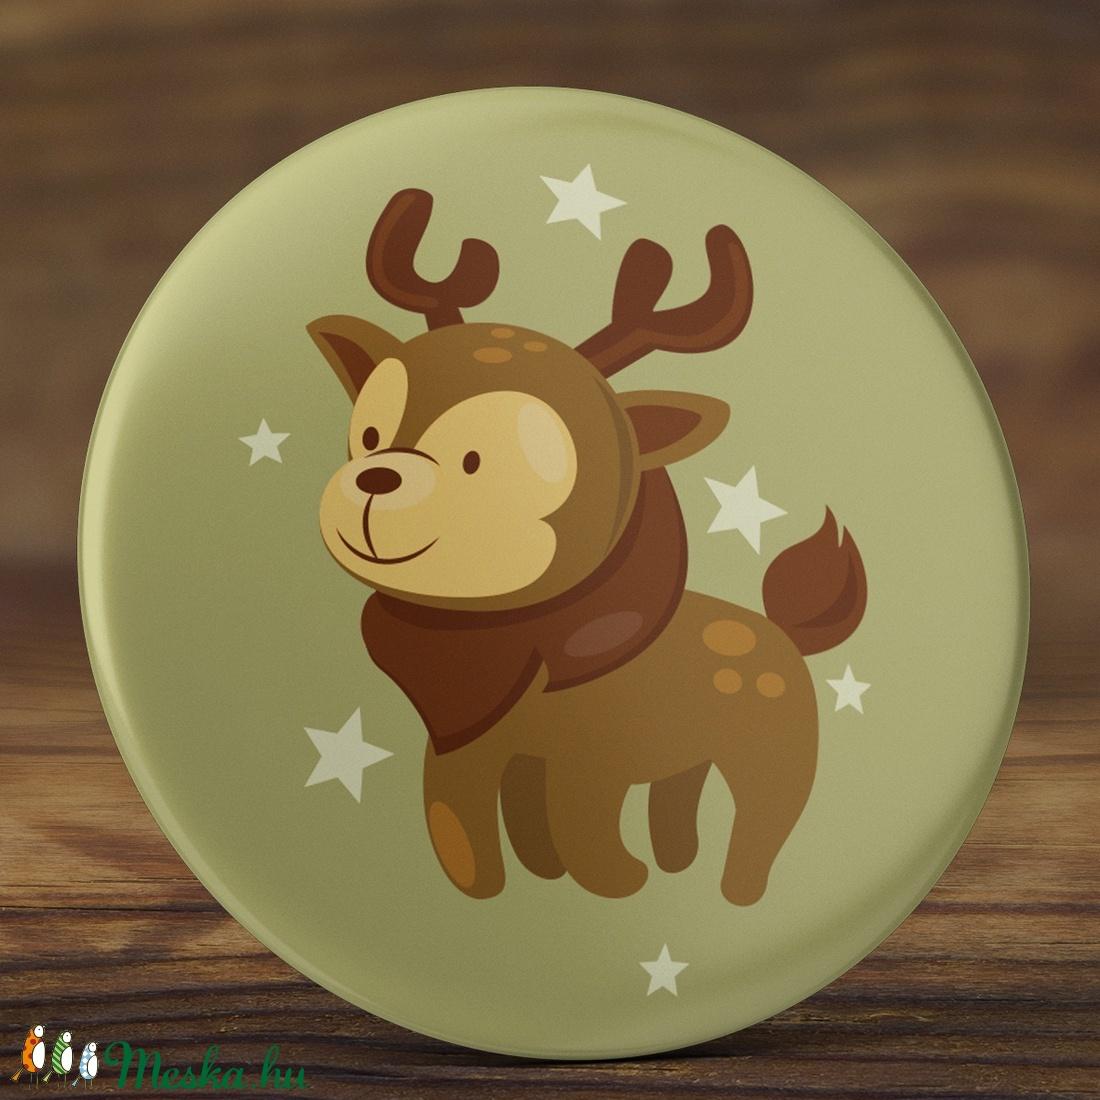 Karácsonyi tükör - szarvas zsebtükör - szarvas tükör - őz tükör - karácsony zsebtükör- őzike tükör - karácsony ajándék  (AngelPin) - Meska.hu